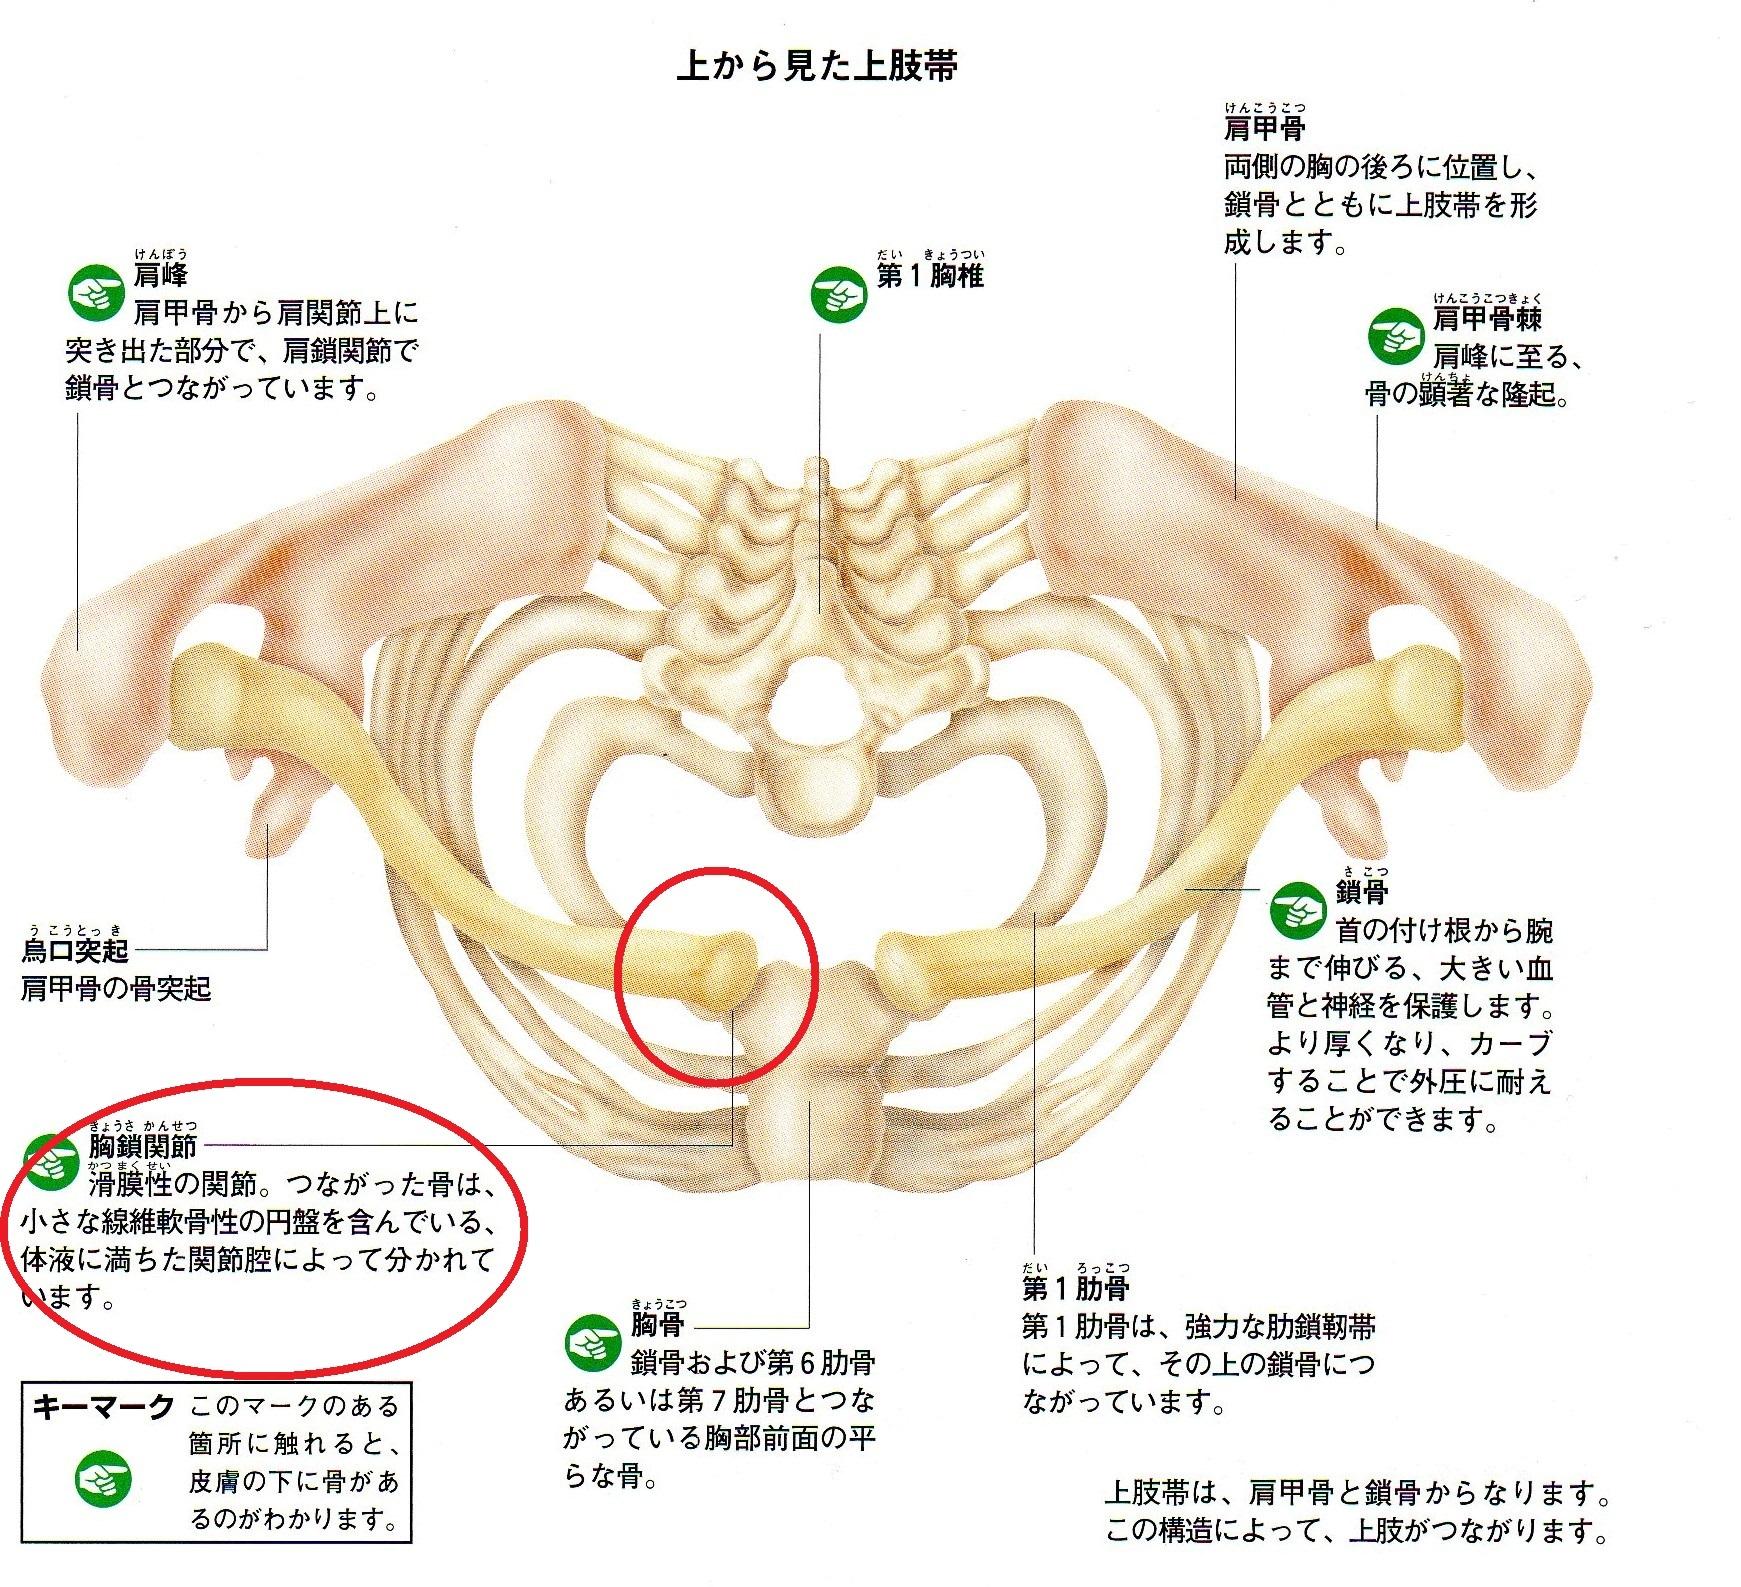 痛い 乳 突筋 胸 鎖